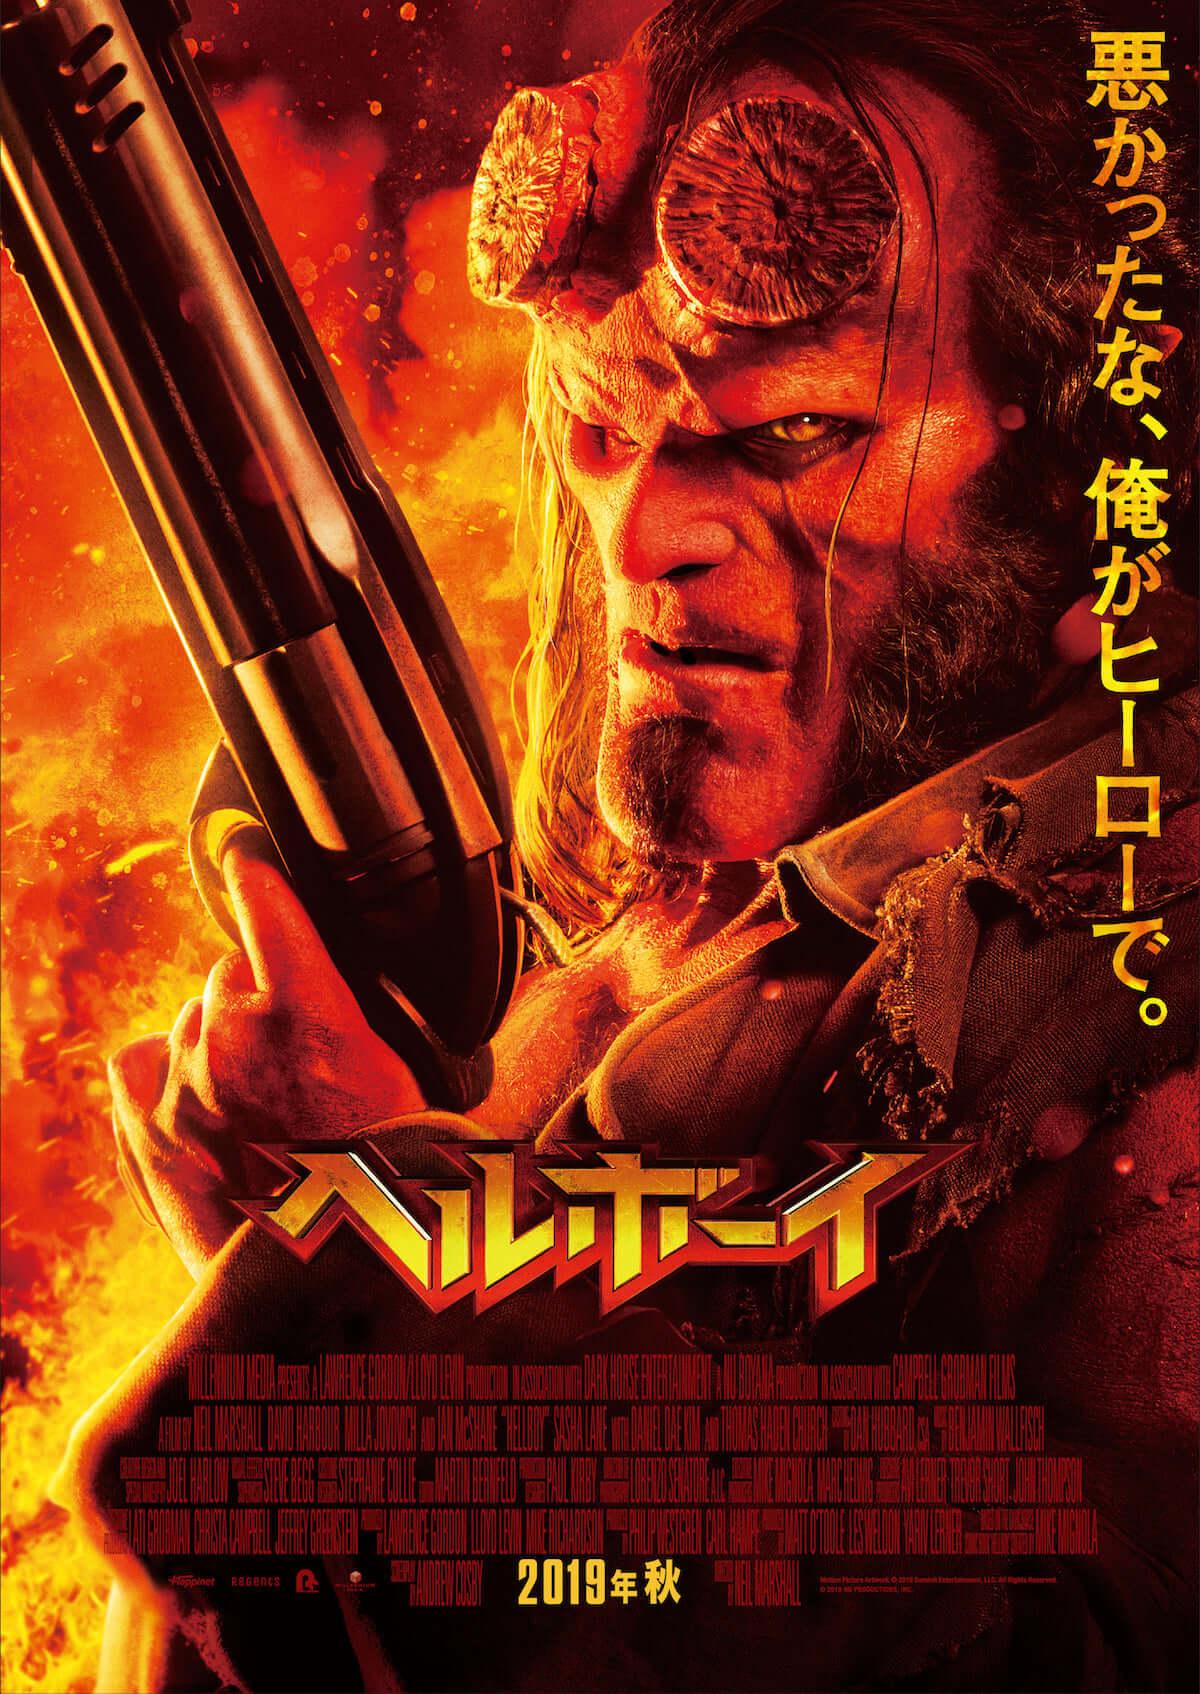 最注目俳優デヴィッド・ハーバーがヘルボーイに!人気アメコミ『ヘルボーイ』が今秋日本公開決定 film190415_hellboy_1-1-1200x1694